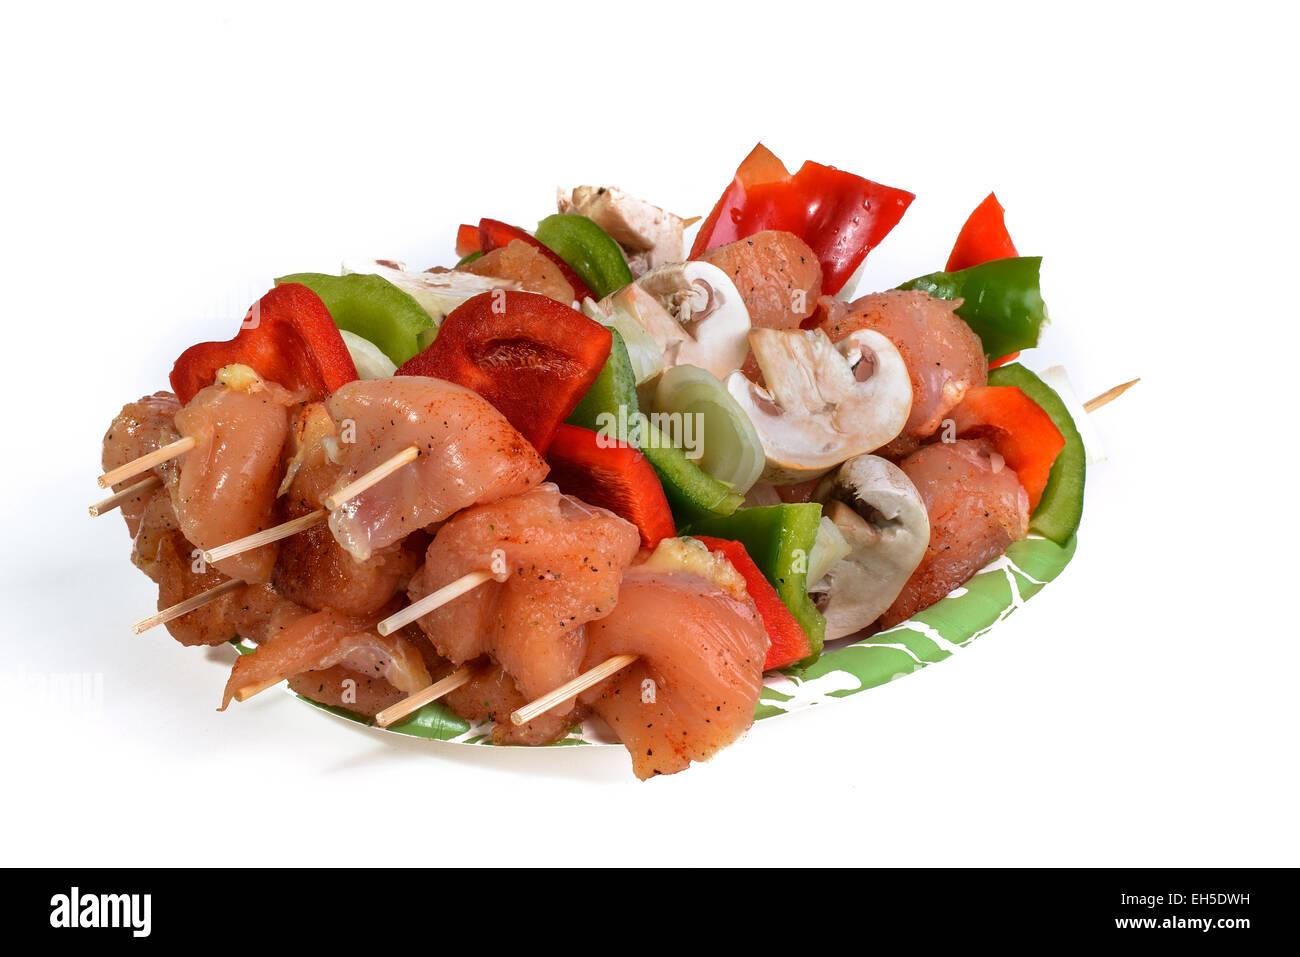 Fresh flesh meat shashlik with vegetables isolated on white - Stock Image